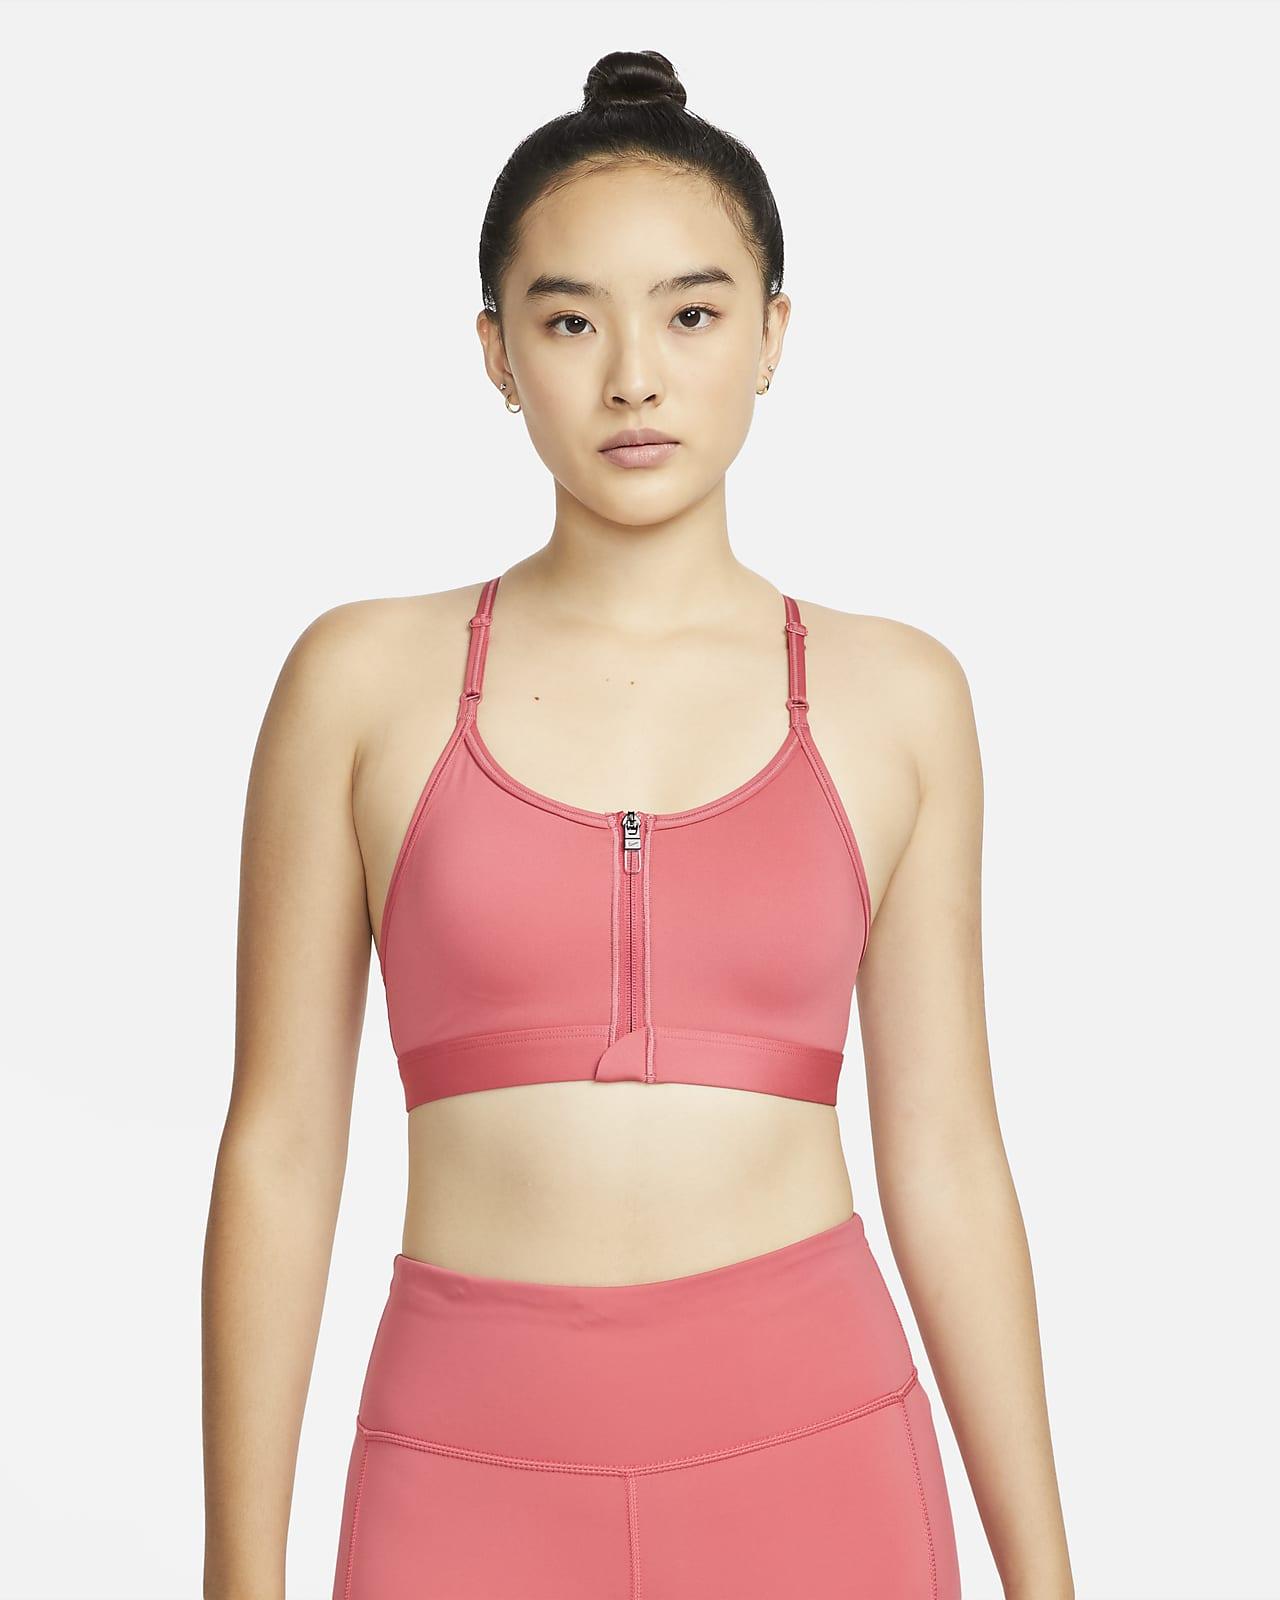 สปอร์ตบราผู้หญิงซัพพอร์ตระดับต่ำเสริมฟองน้ำ Nike Dri-FIT Indy Zip-Front